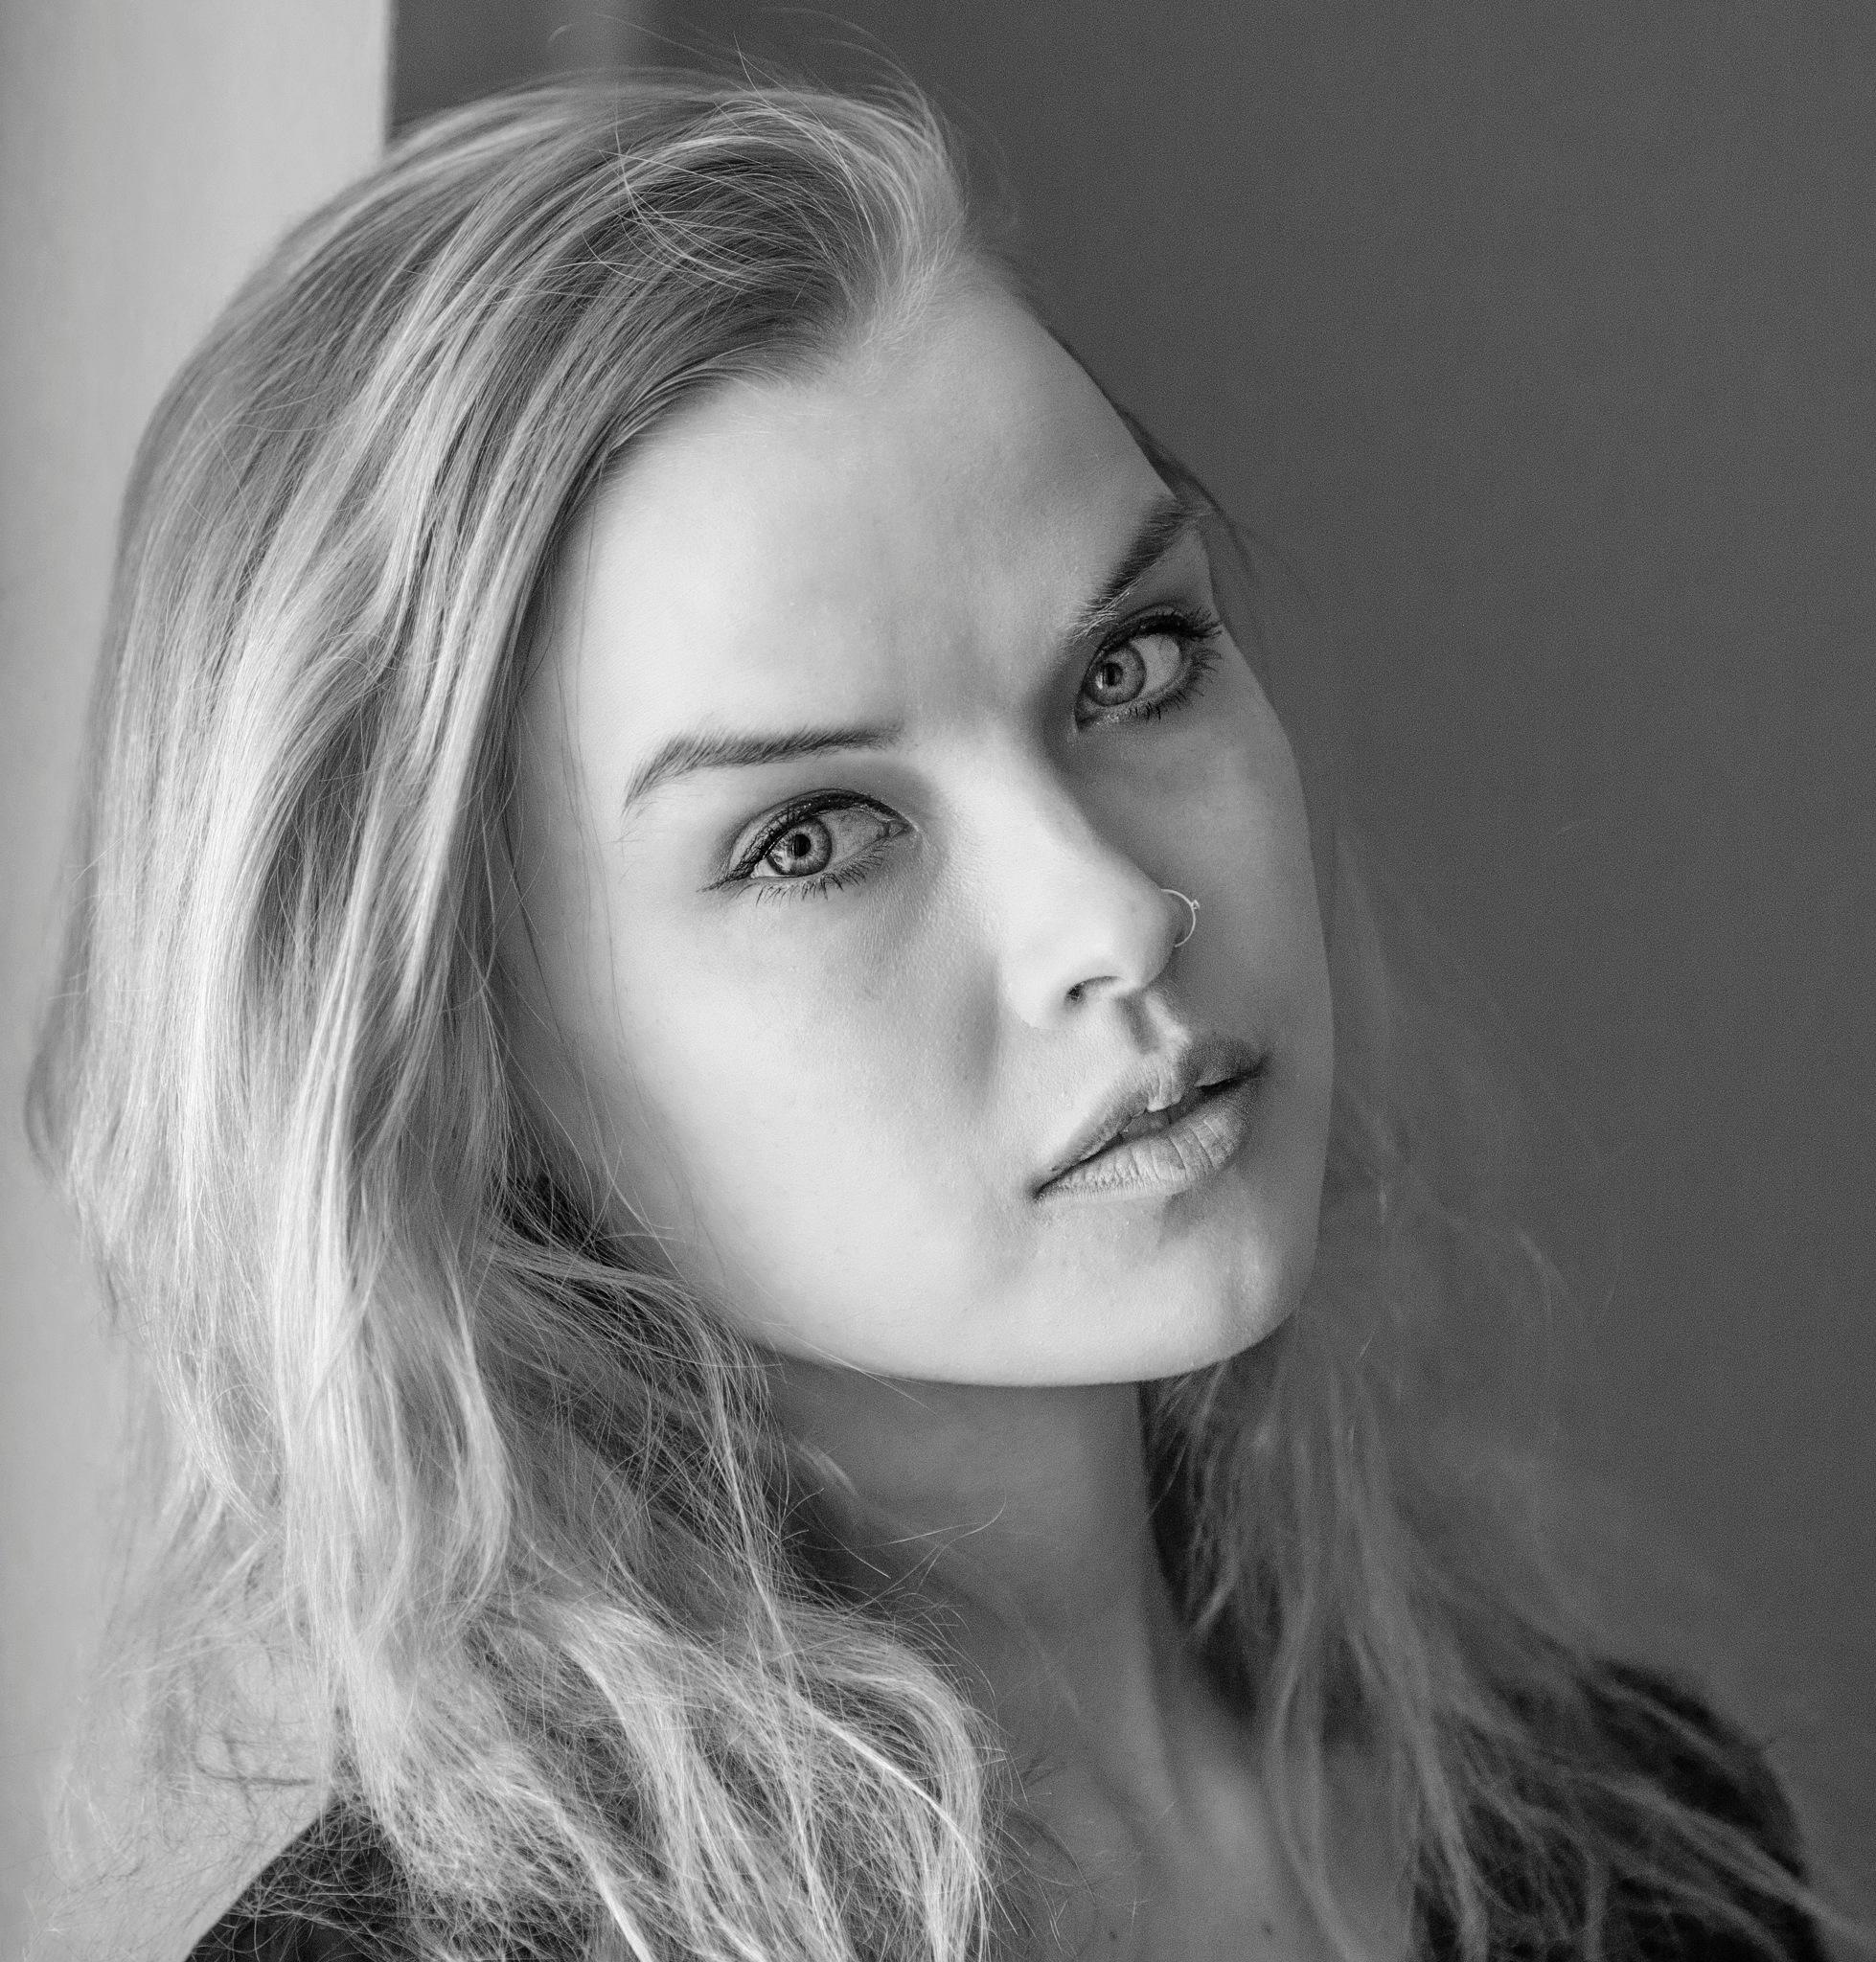 Kristiina by Janne Pennanen